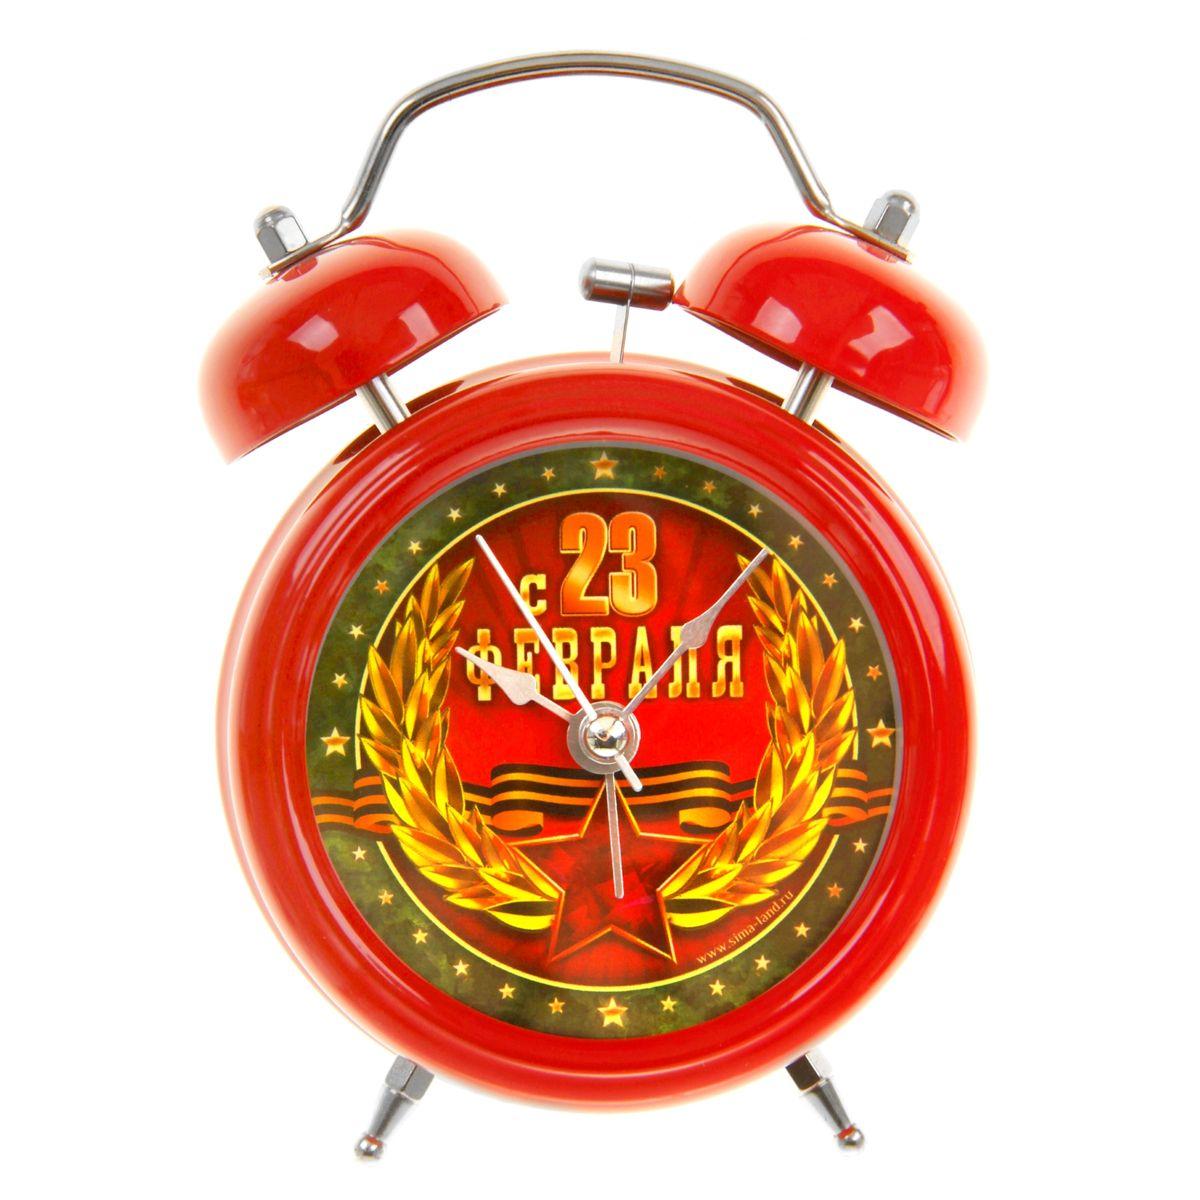 Часы-будильник Sima-land С 23 февраля. 83967392266Как же сложно иногда вставать вовремя! Всегда так хочется поспать еще хотя бы 5 минут и бывает, что мы просыпаем. Теперь этого не случится! Яркий, оригинальный будильник Sima-land С 23 февраля поможет вам всегда вставать в нужное время и успевать везде и всюду. Время показывает точно и будит в установленный час. Такой будильник станет прекрасным подарком.На задней панели будильника расположены переключатель включения/выключения механизма, а также два колесика для настройки текущего времени и времени звонка будильника. Также будильник оснащен кнопкой, при нажатии и удержании которой, подсвечивается циферблат. Будильник работает от 1 батарейки типа AA напряжением 1,5V (не входит в комплект).